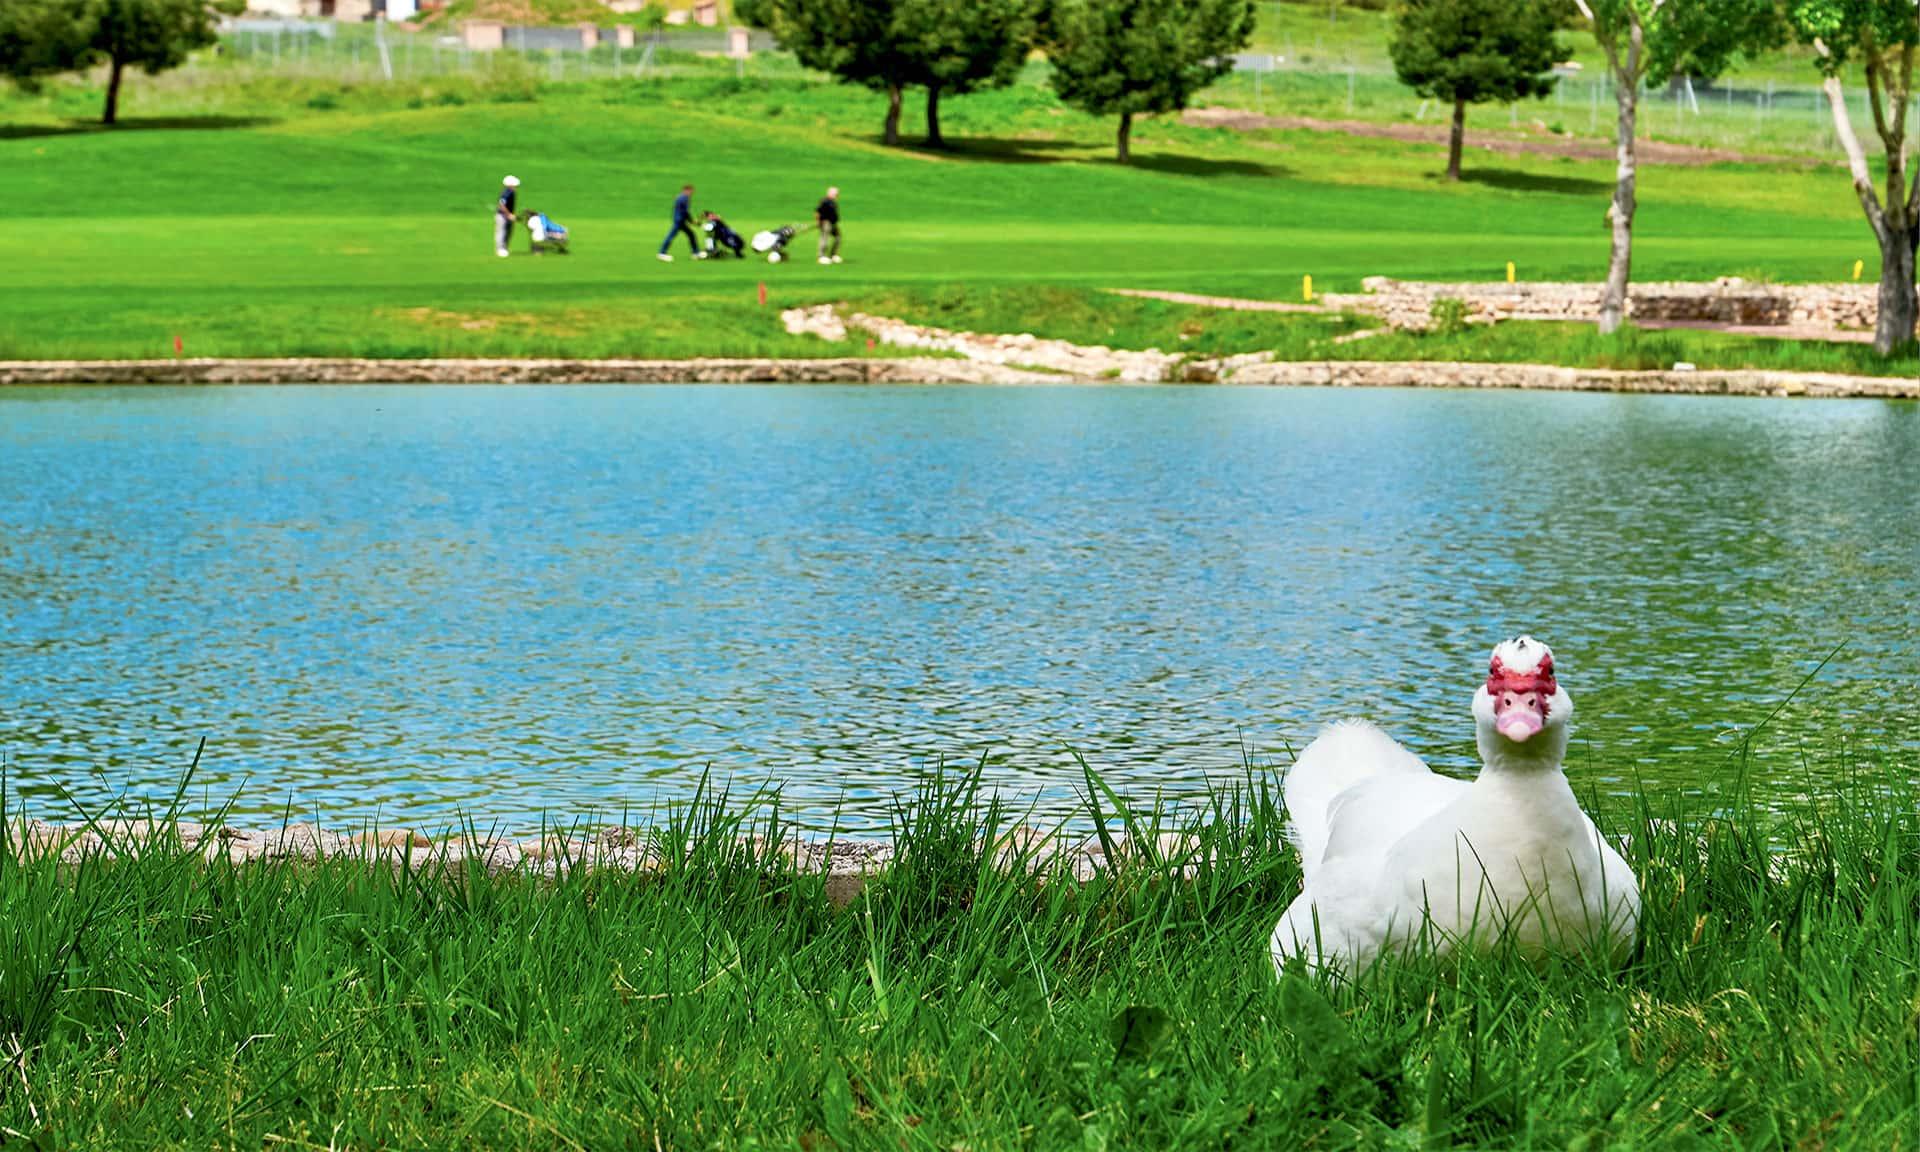 lagos green sire golf cabanillas